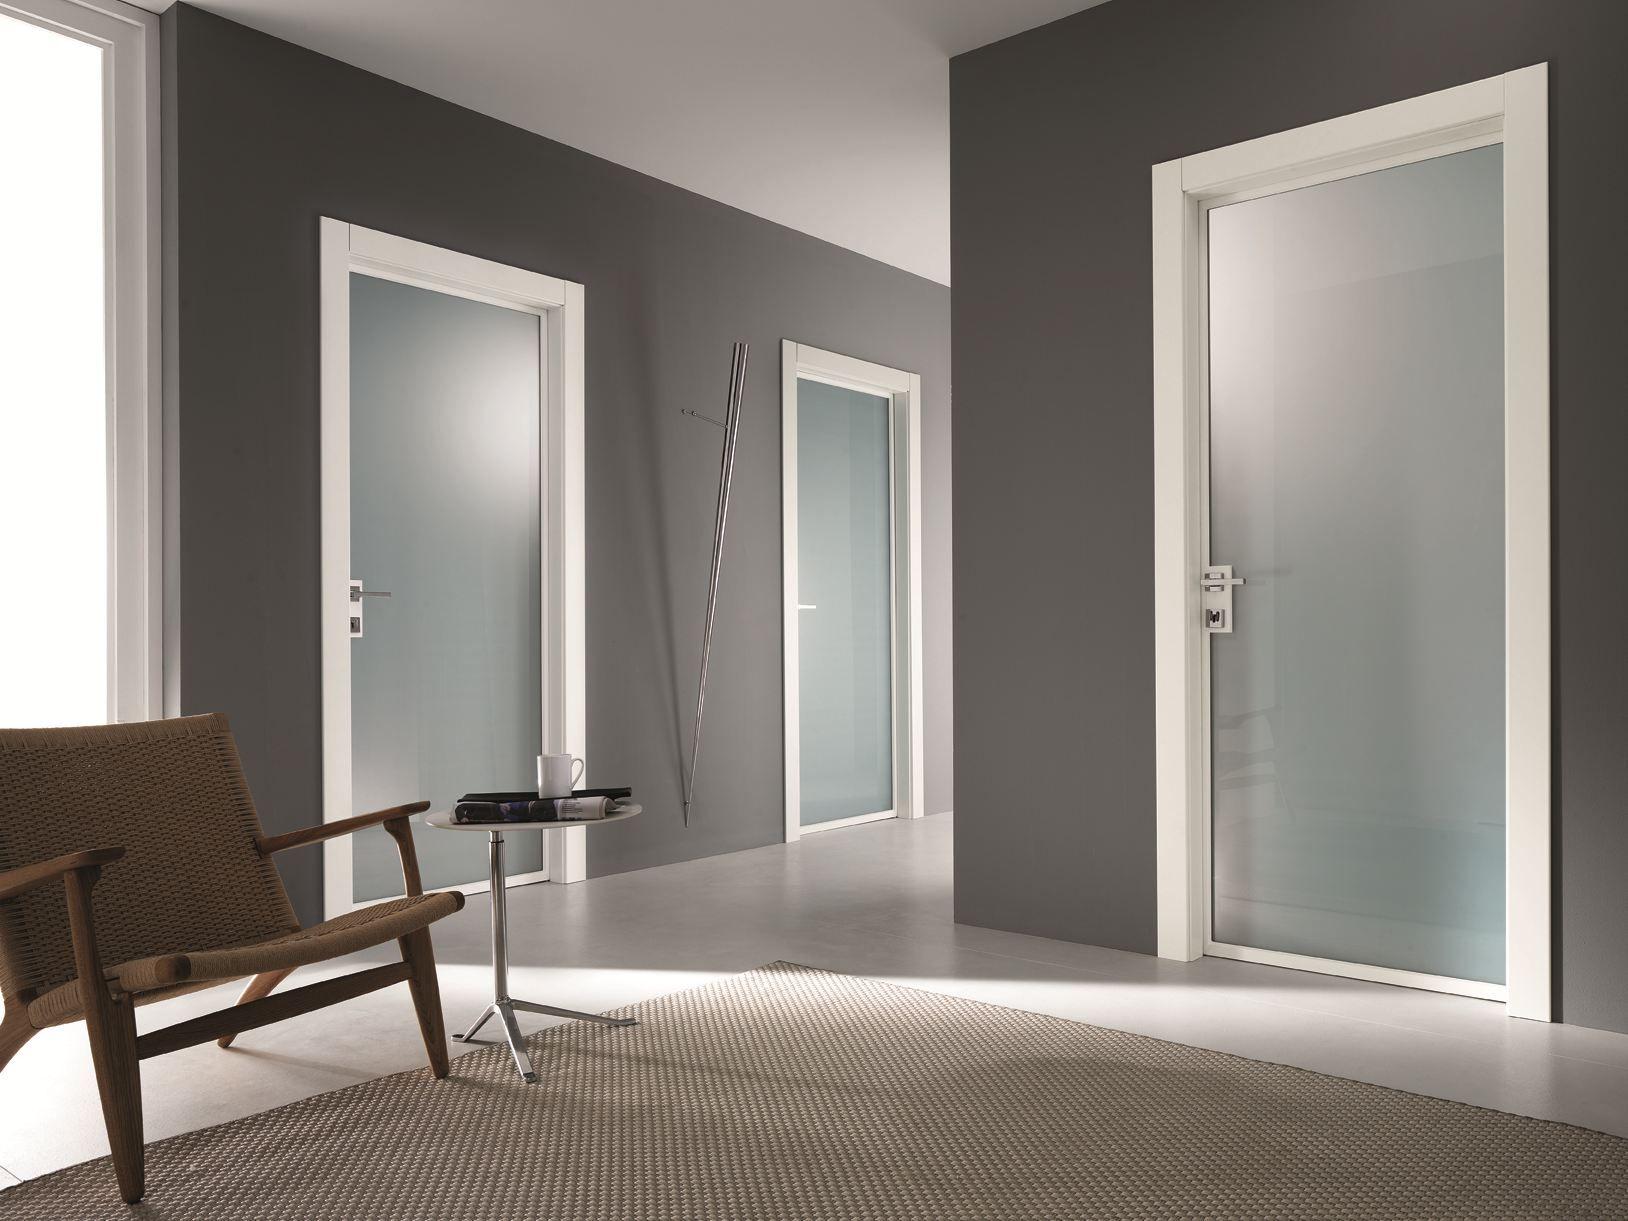 Stilia porta in vetro satinato by gidea - Porte gidea prezzi ...